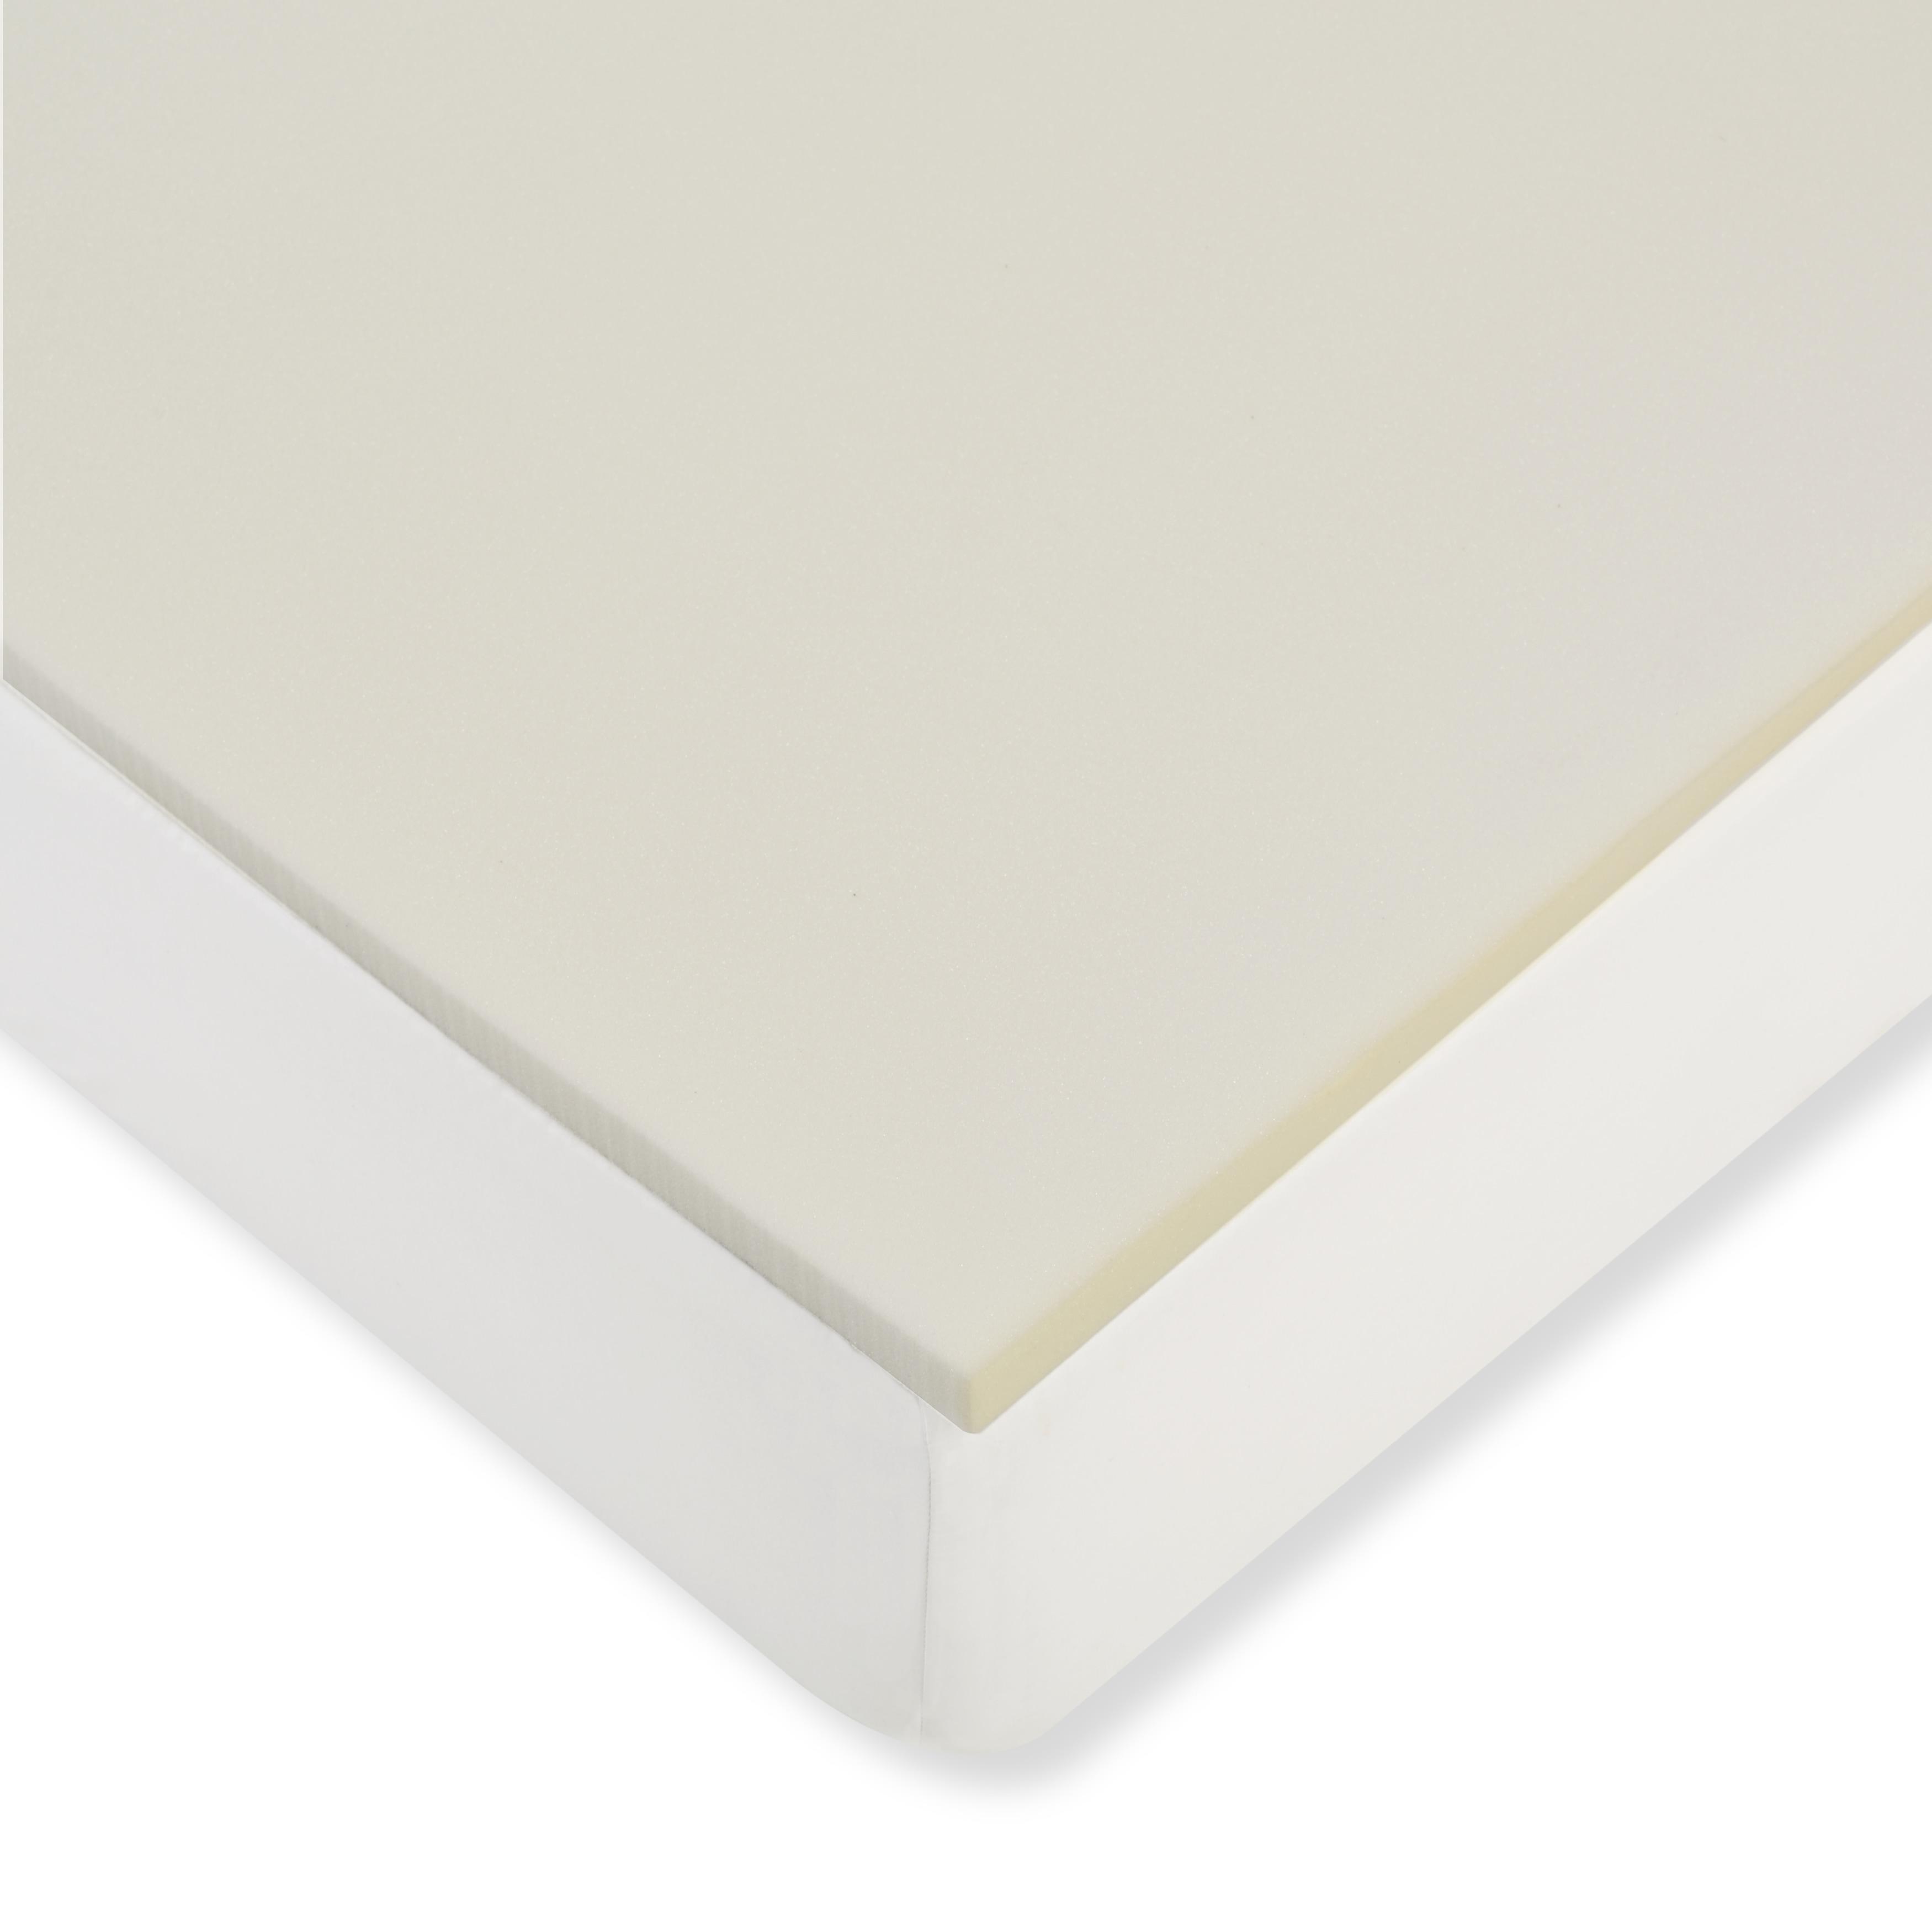 bath topper bed mattress wayfair gel foam pdx lucid memory reviews